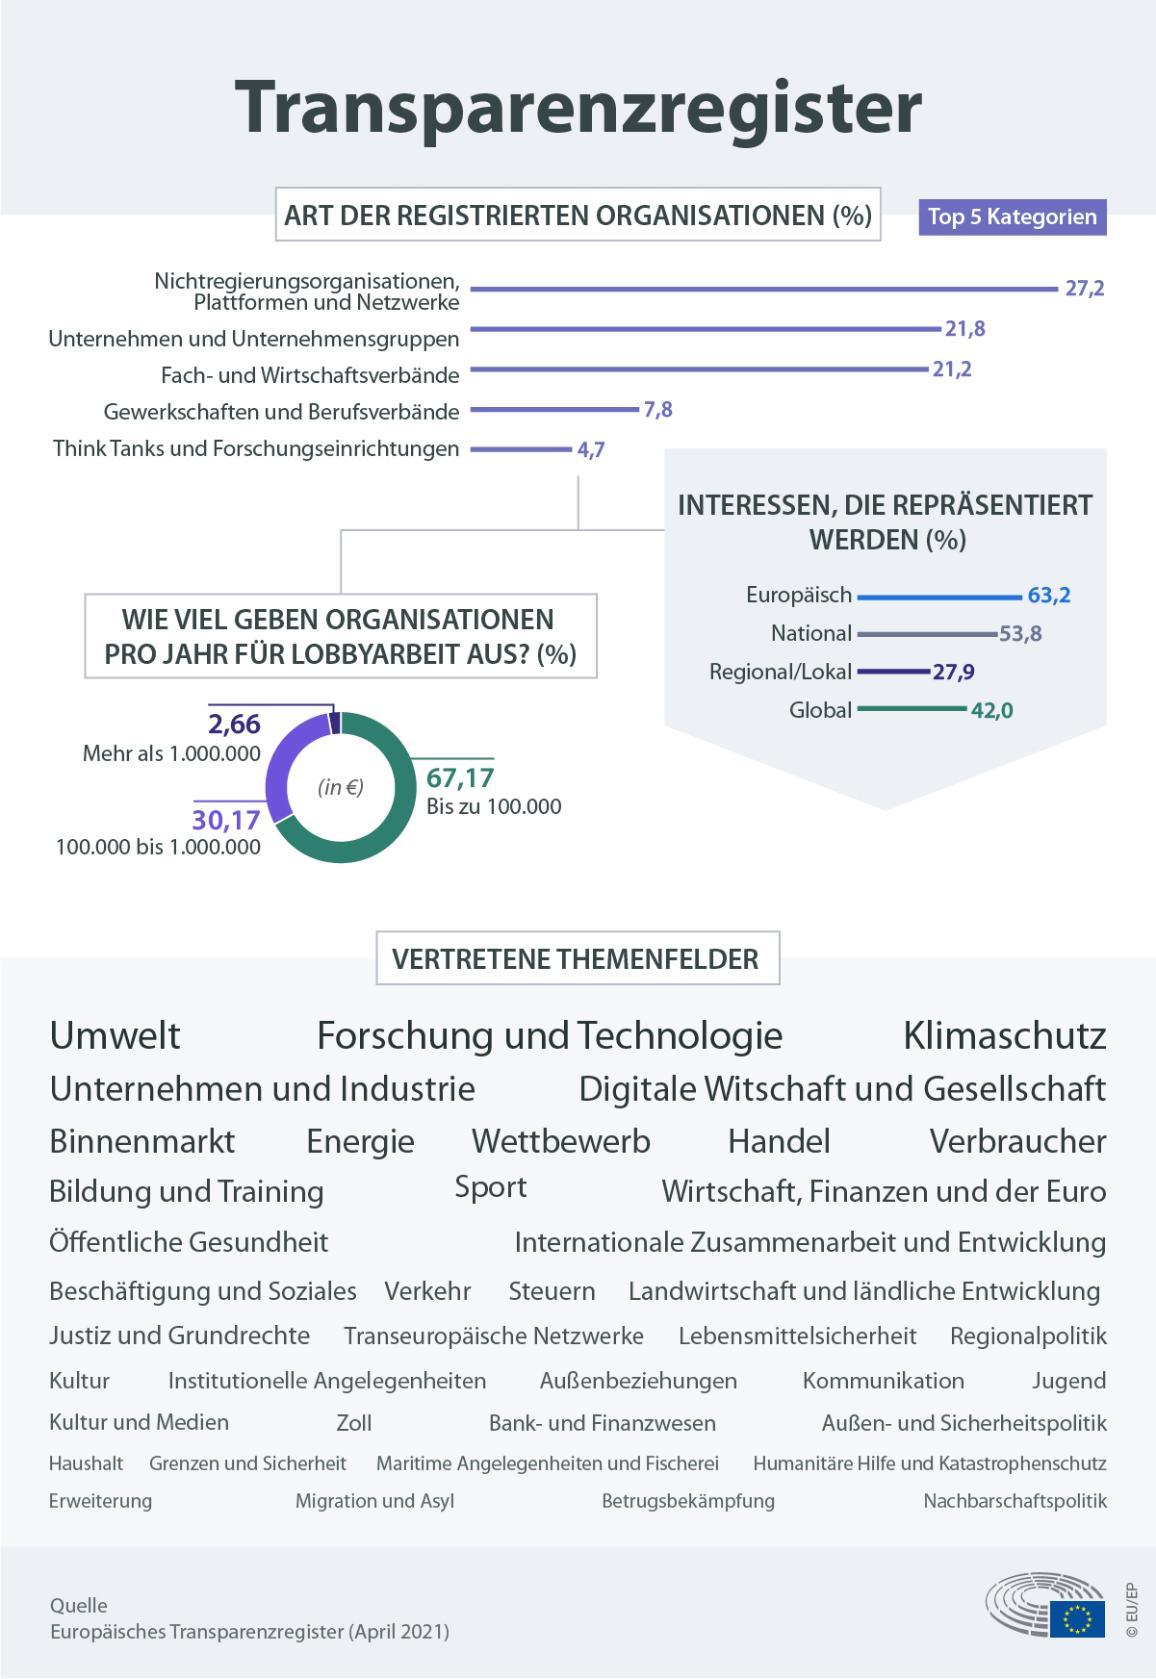 Infografik zur Art der registrierten Organisationen